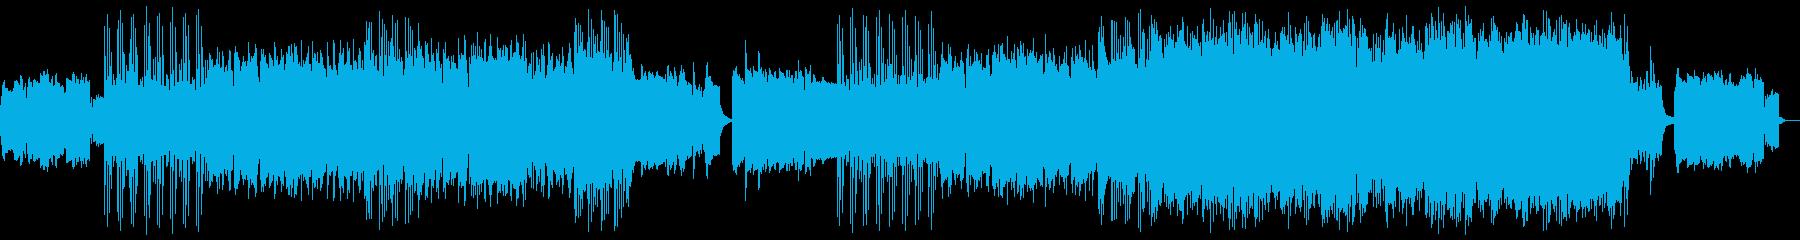 儚く切なく勇ましい和風サムライ音楽の再生済みの波形